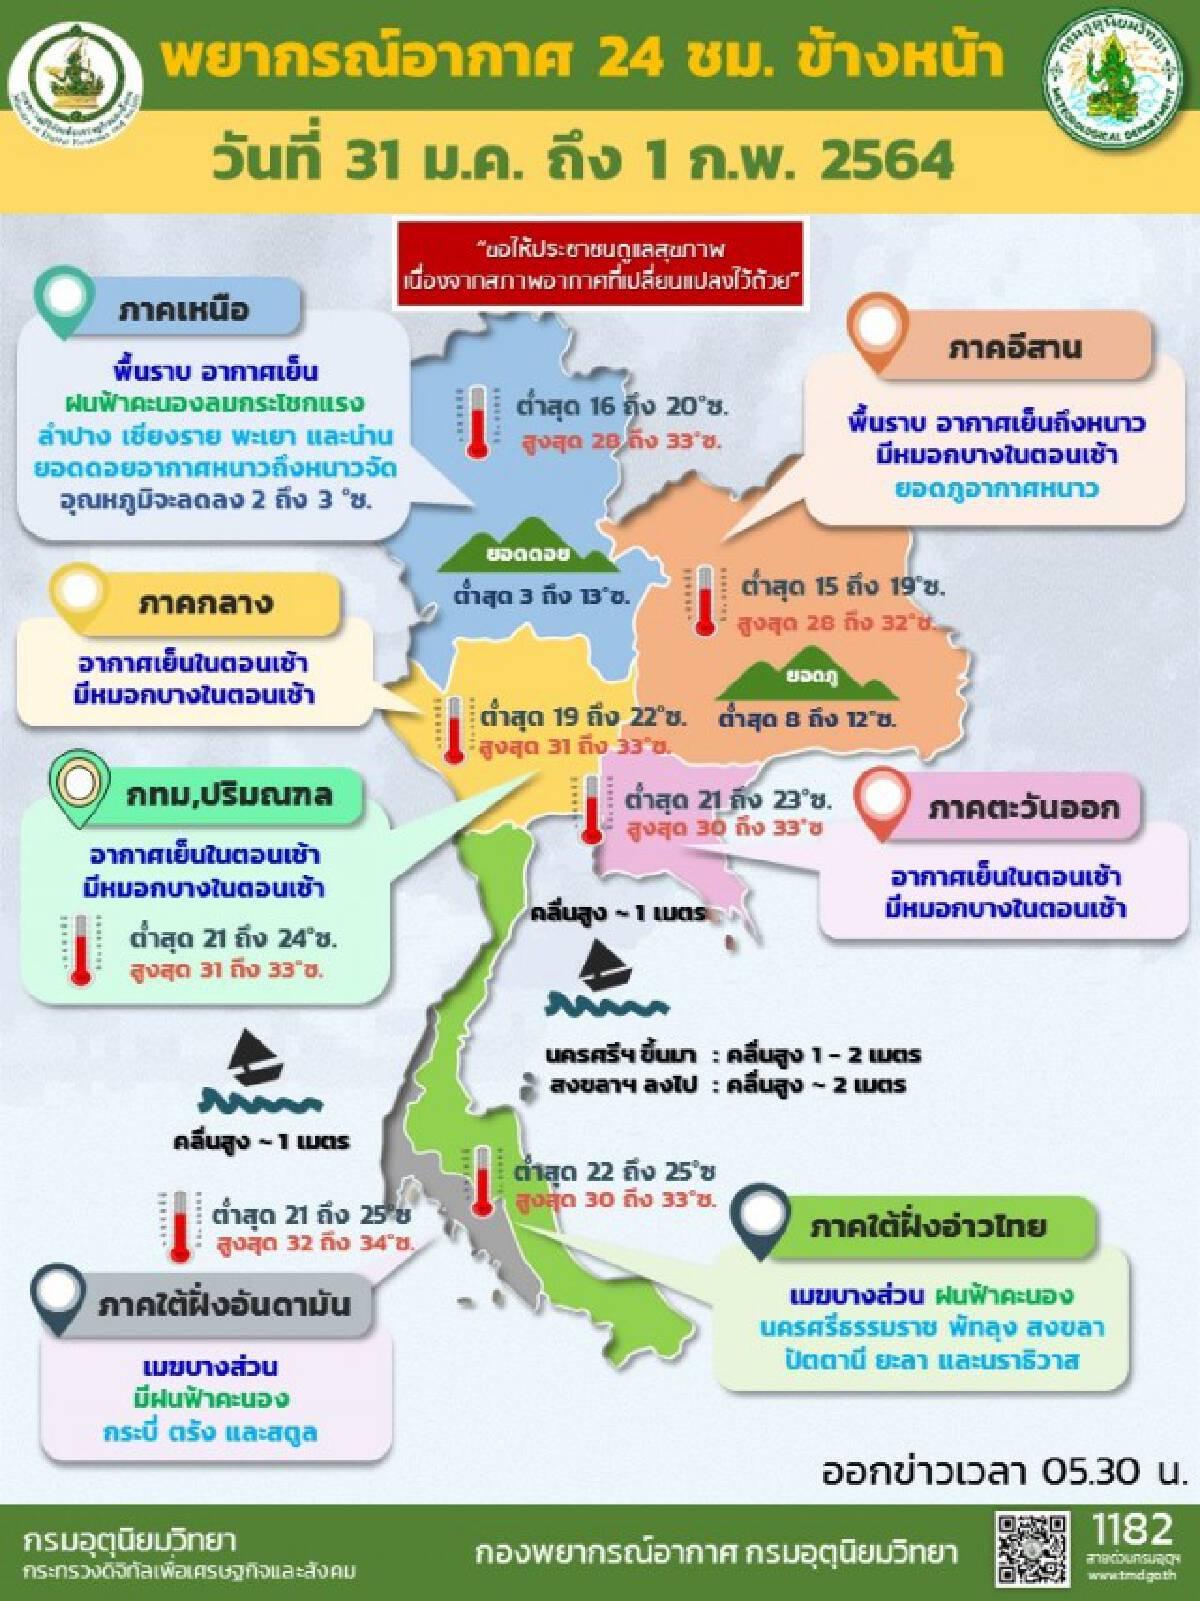 พยากรณ์อากาศวันนี้ ทั่วไทยอากาศเย็น ใต้มีฝน-คลื่นสูง